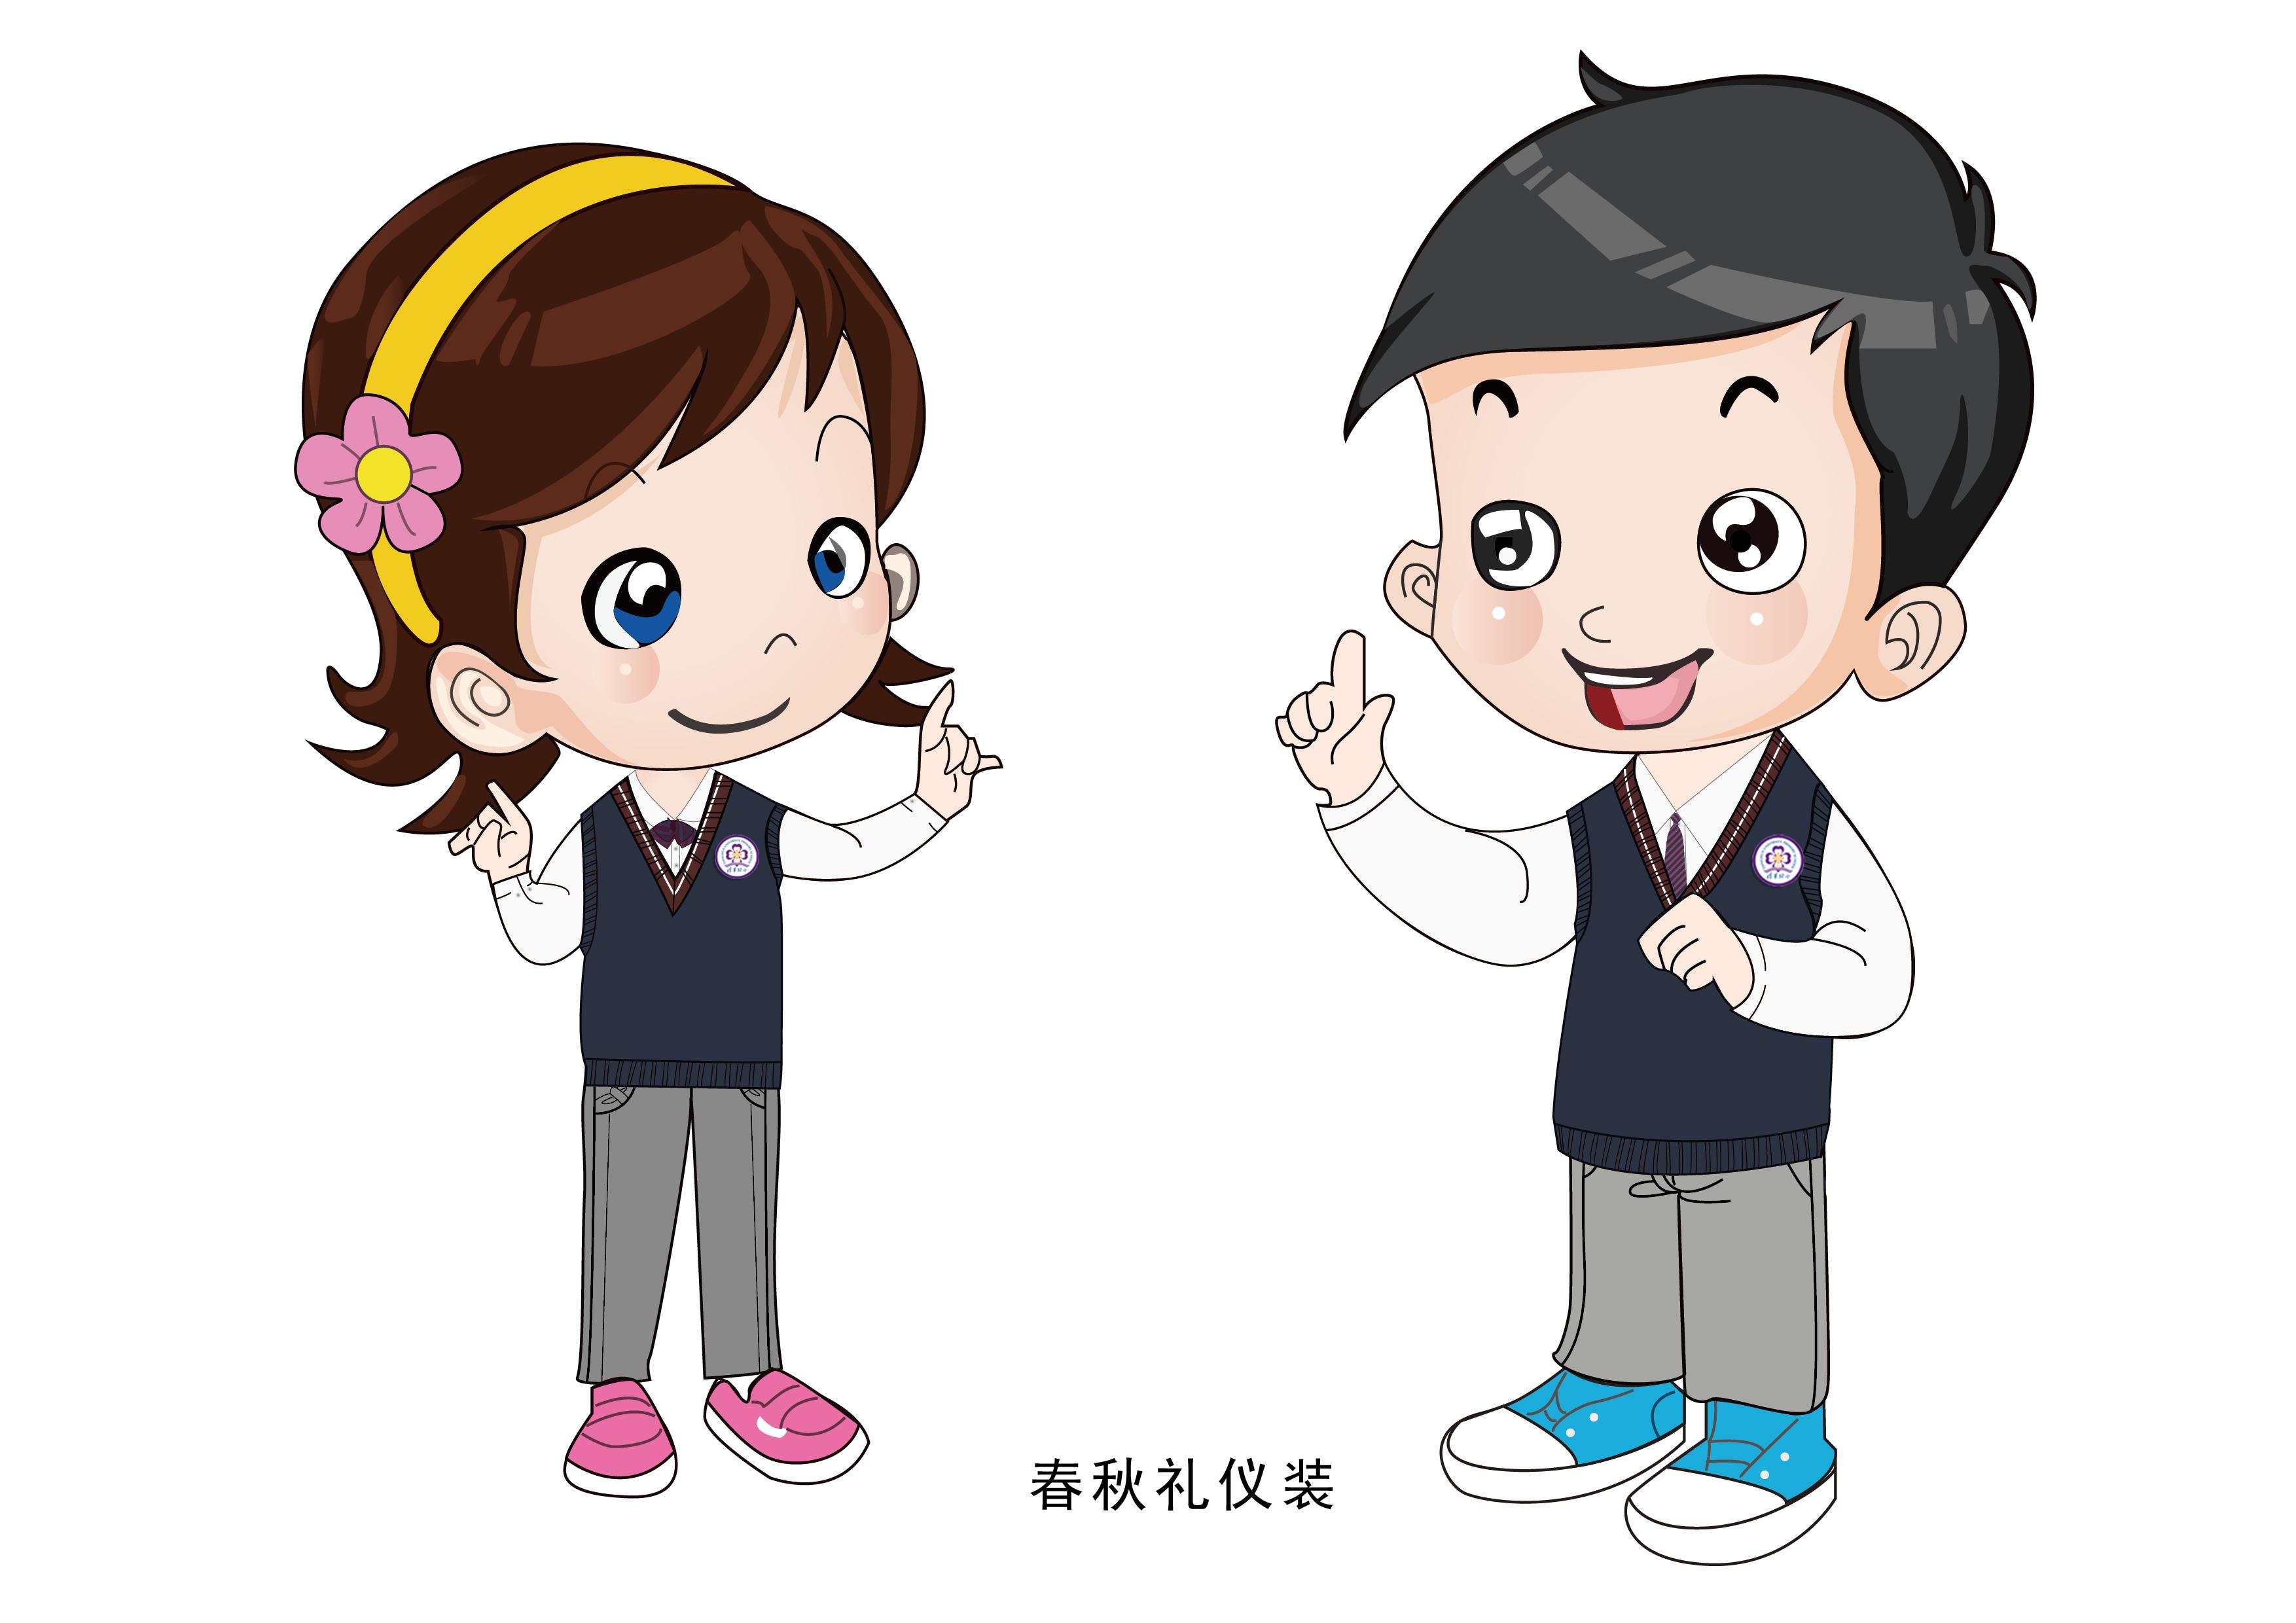 人物服装卡通形象